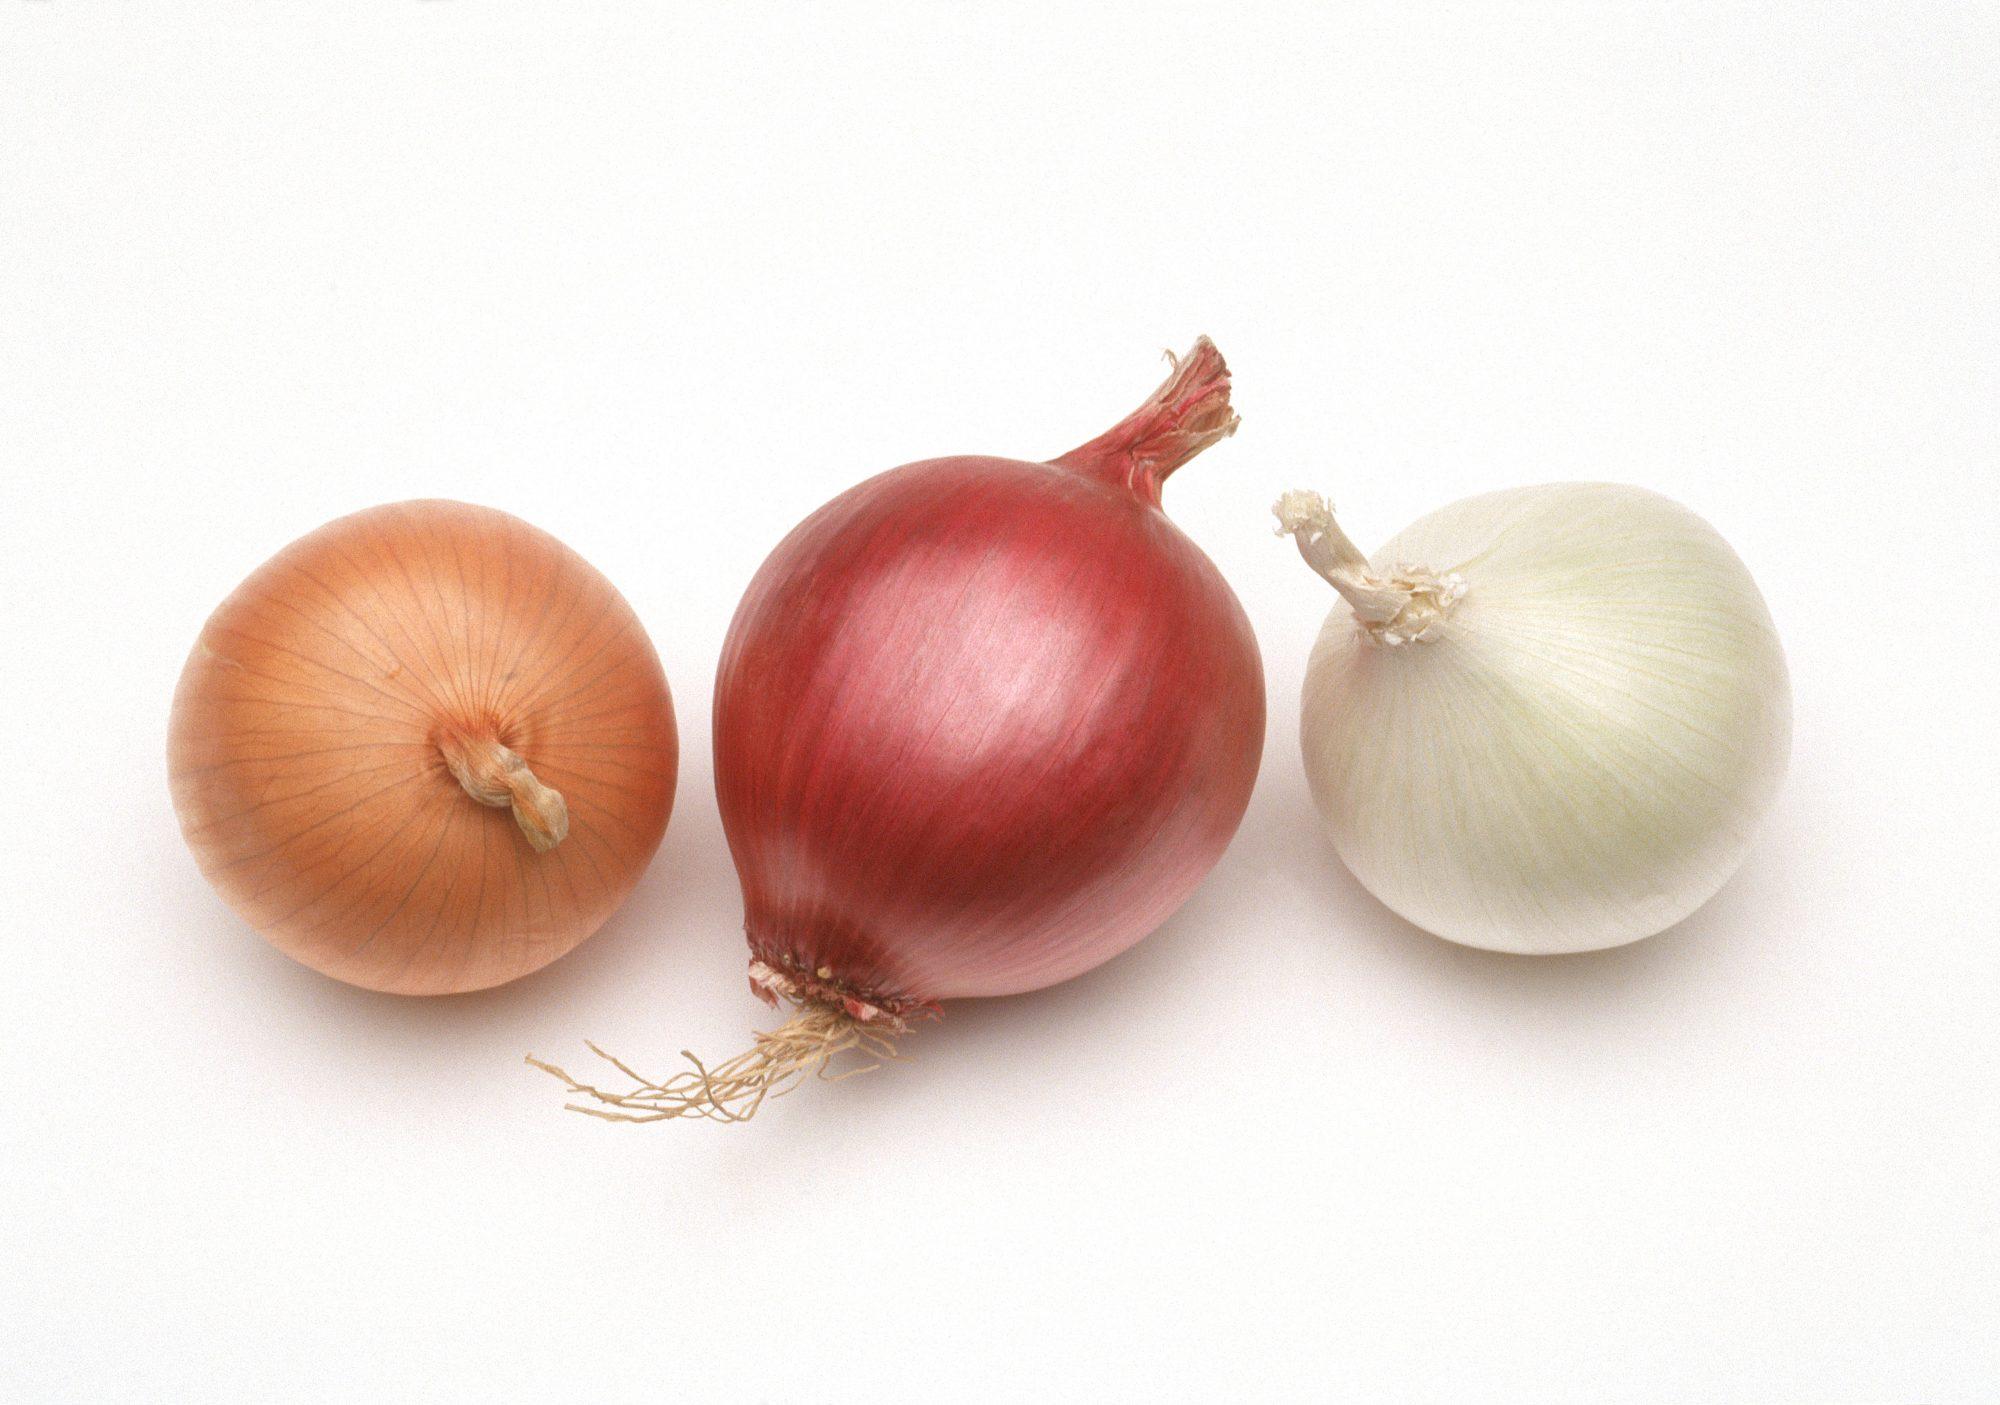 Onions getty  7/10/19